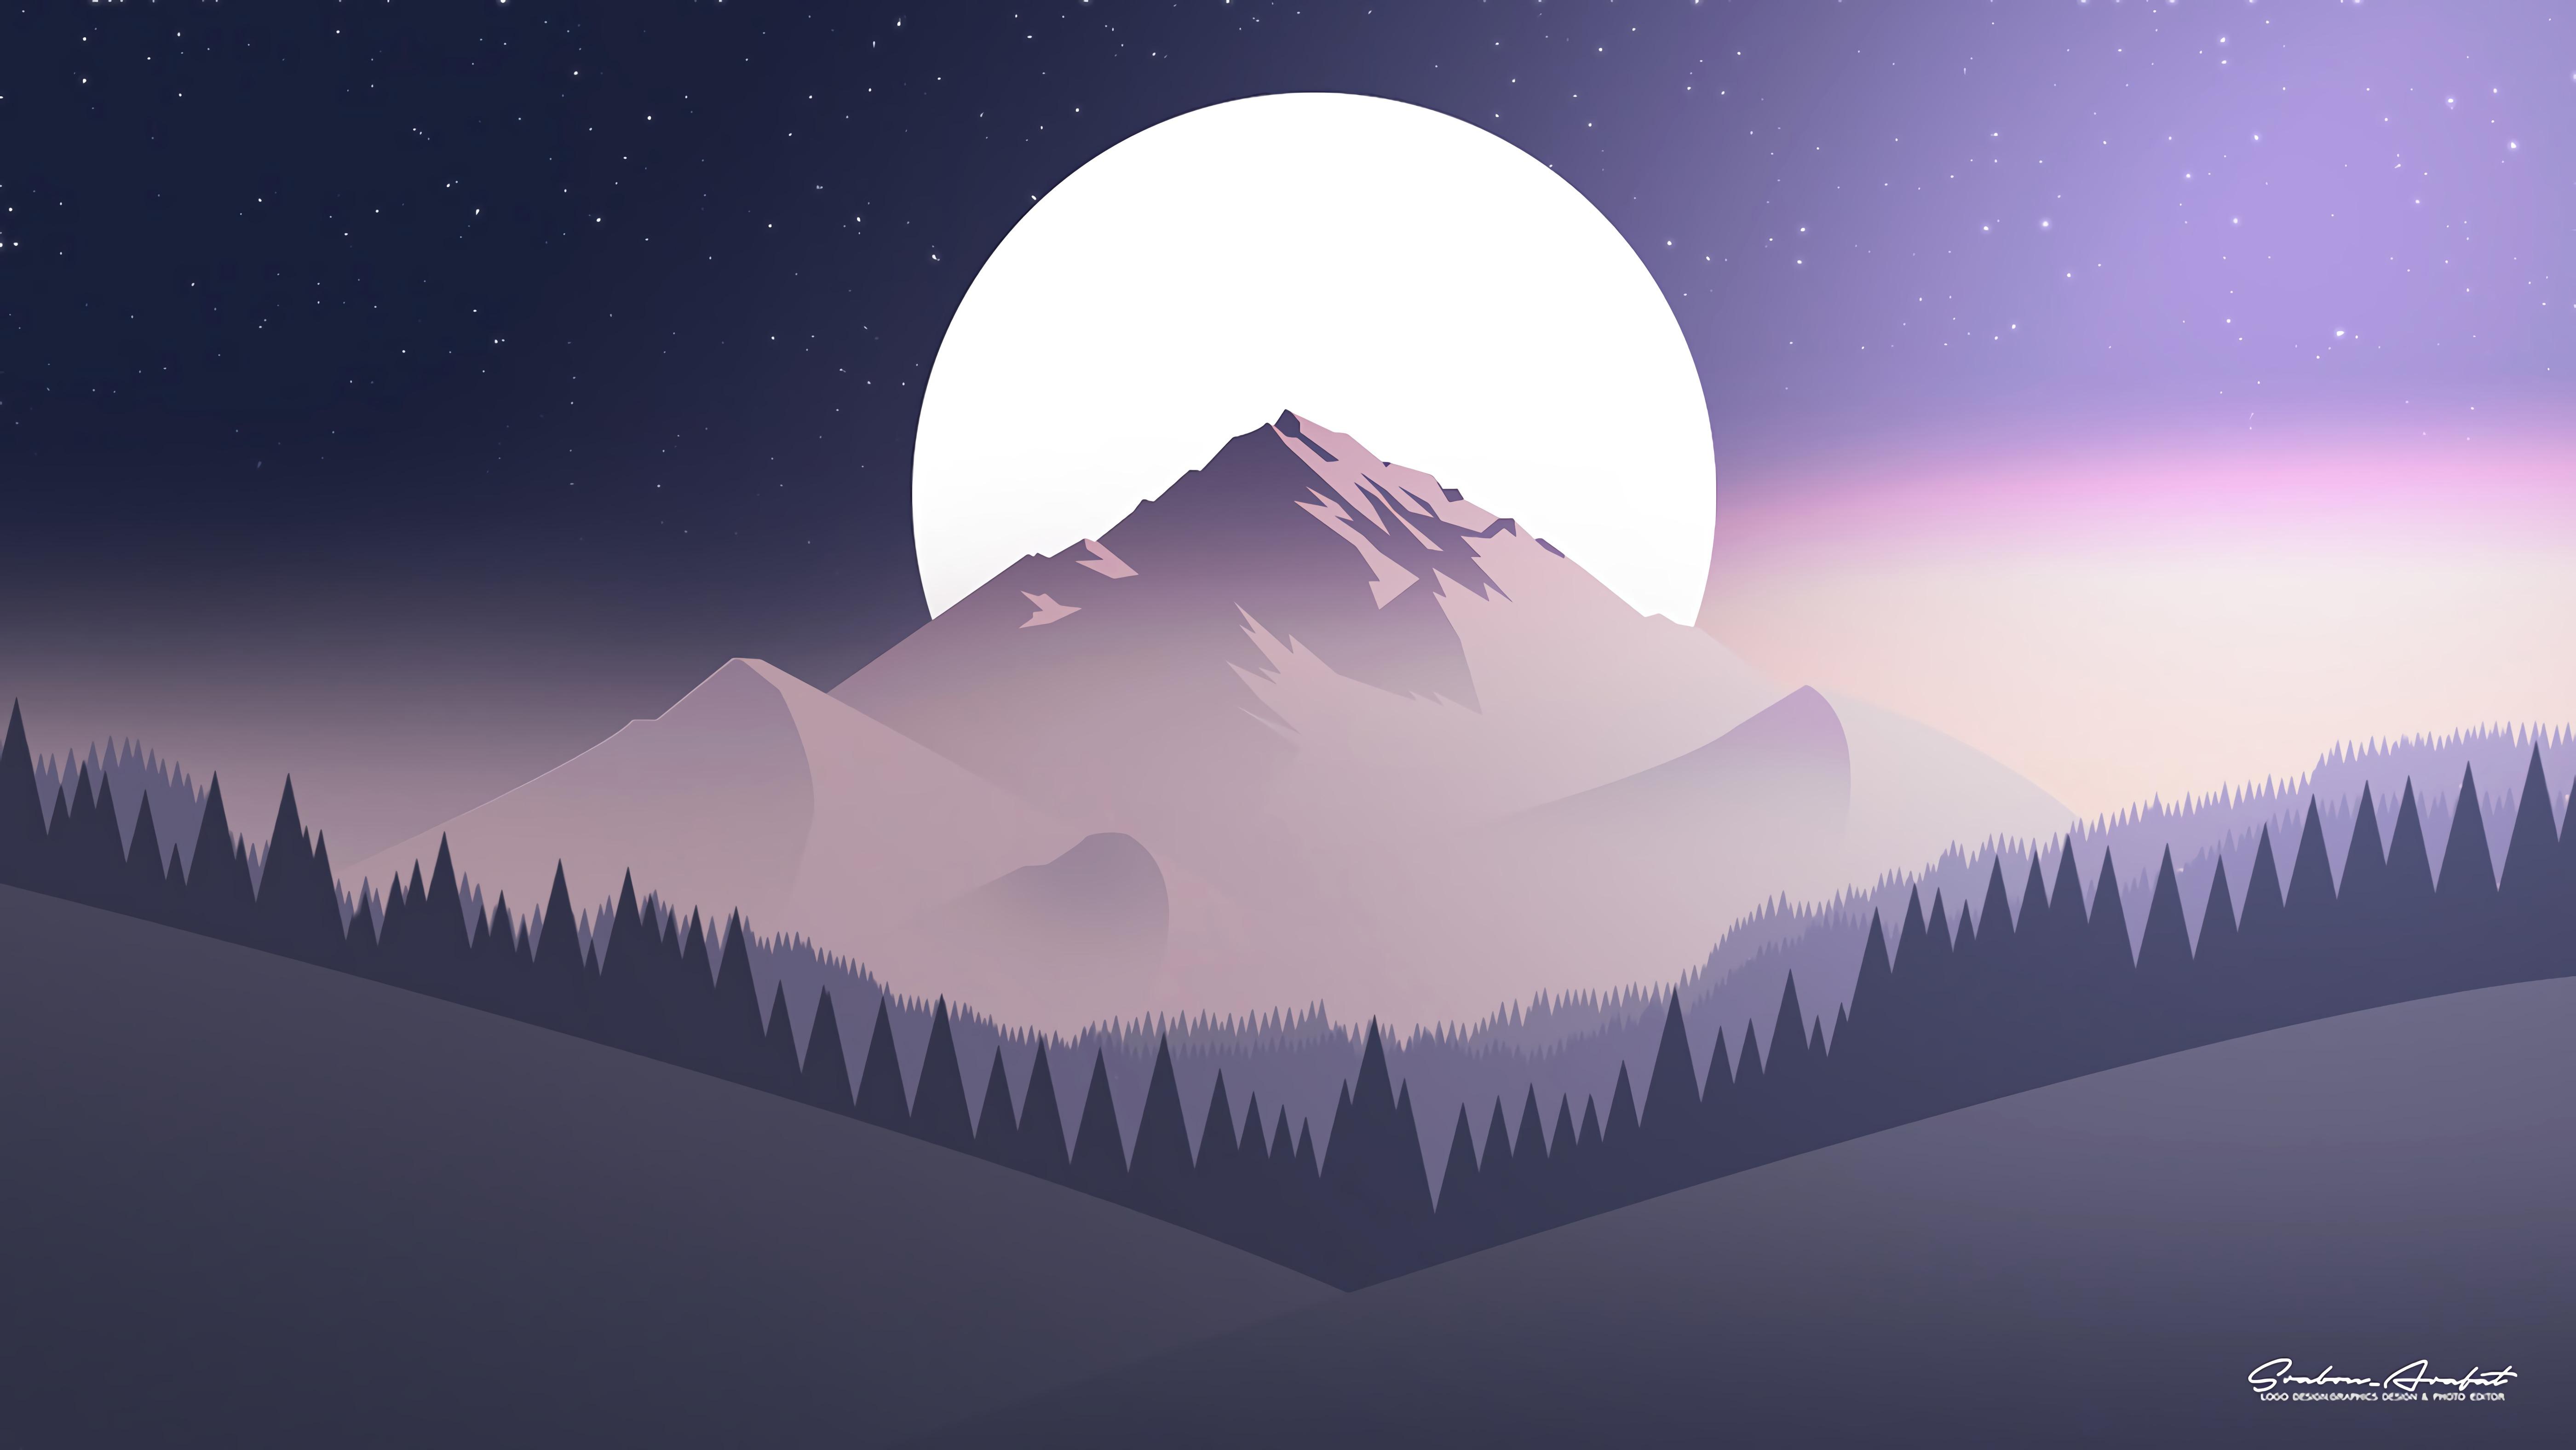 152481 Заставки и Обои Луна на телефон. Скачать Луна, Вектор, Горы, Ночь, Лес, Звездное Небо, Плоский картинки бесплатно